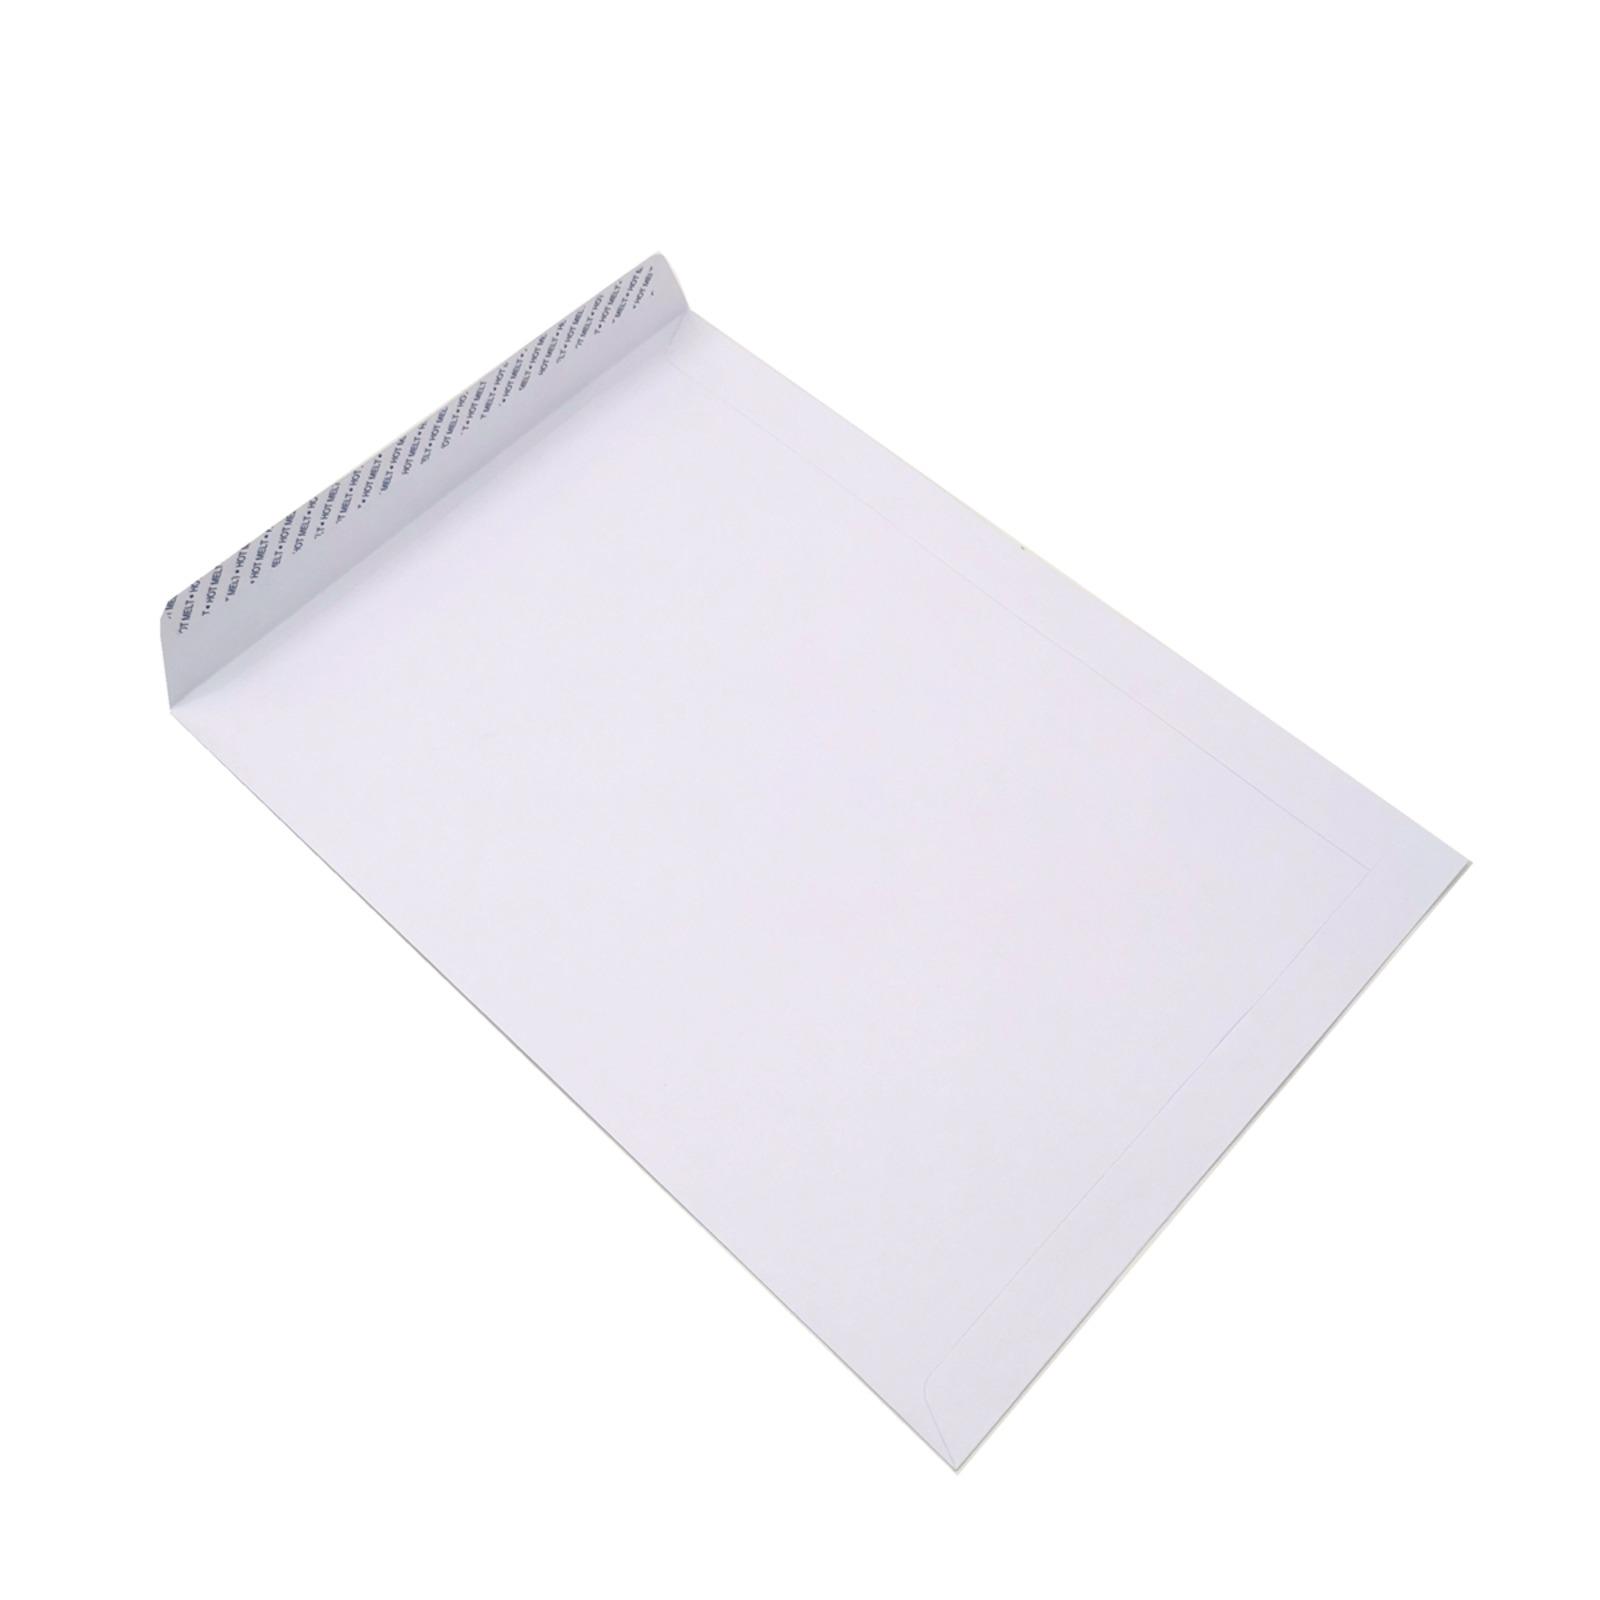 VIP A4 Size White Envelope